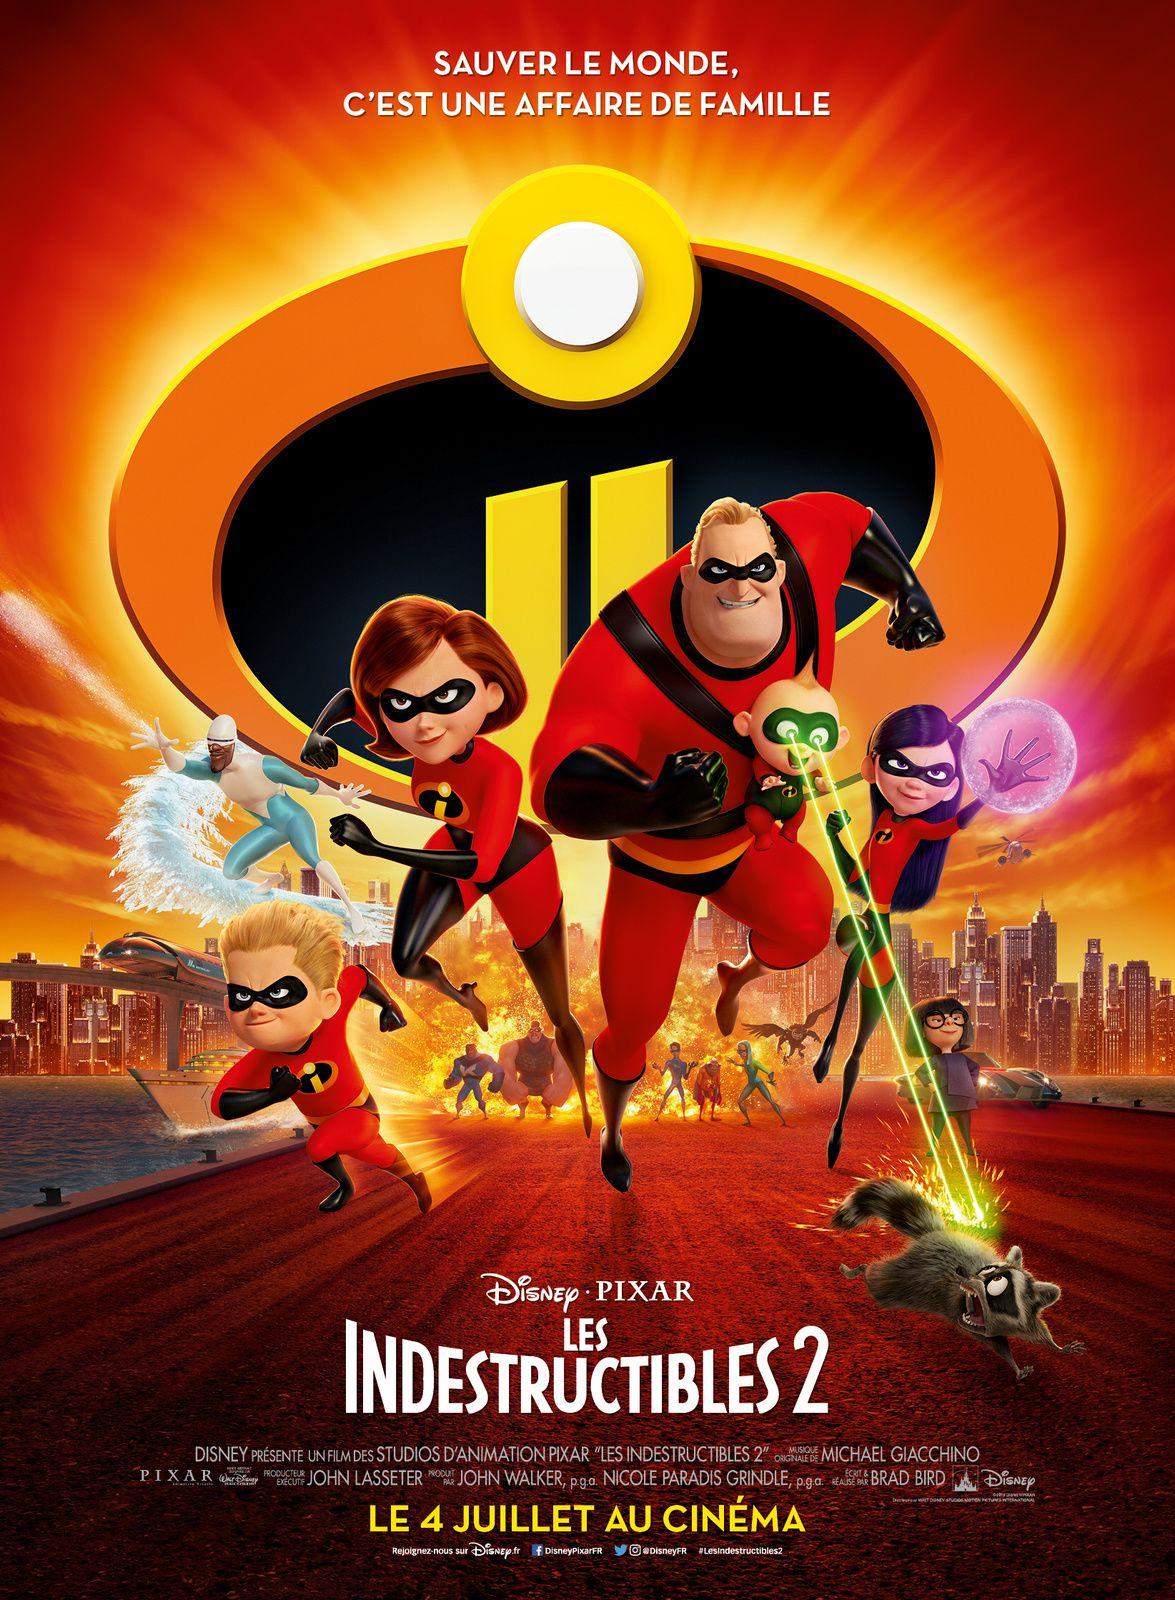 #Cinéma - LES INDESTRUCTIBLES 2 : LE 4 JUILLET AU CINÉMA !